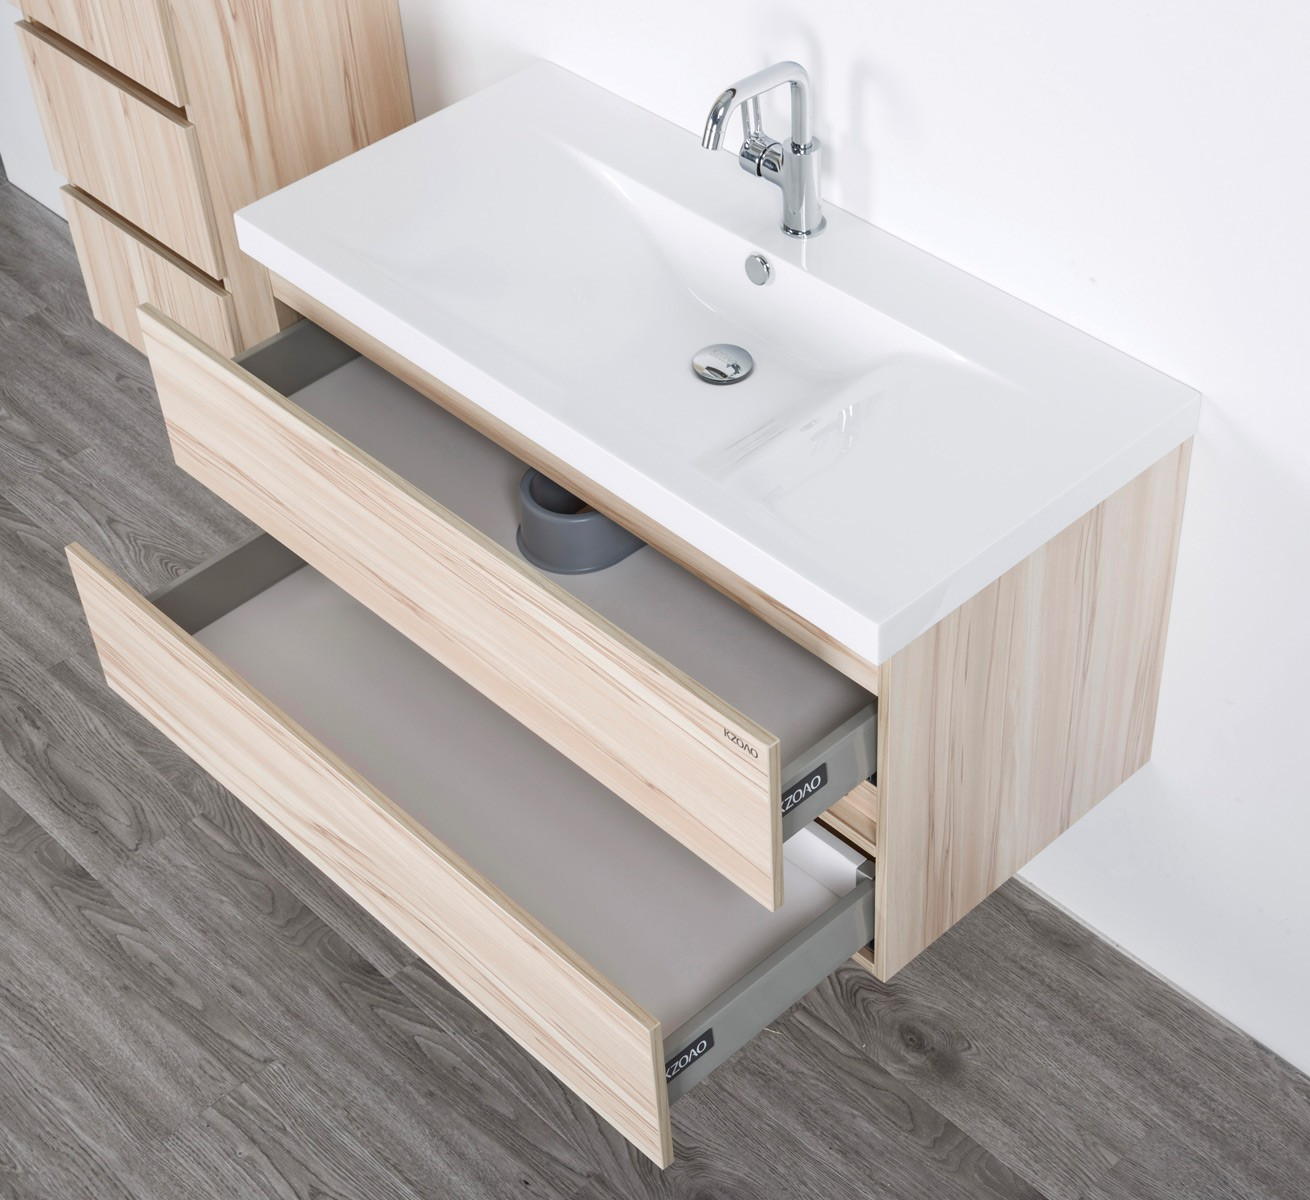 hochwertige badm bel aus vollholz mit mineralguss waschbecken modell paris ebay. Black Bedroom Furniture Sets. Home Design Ideas